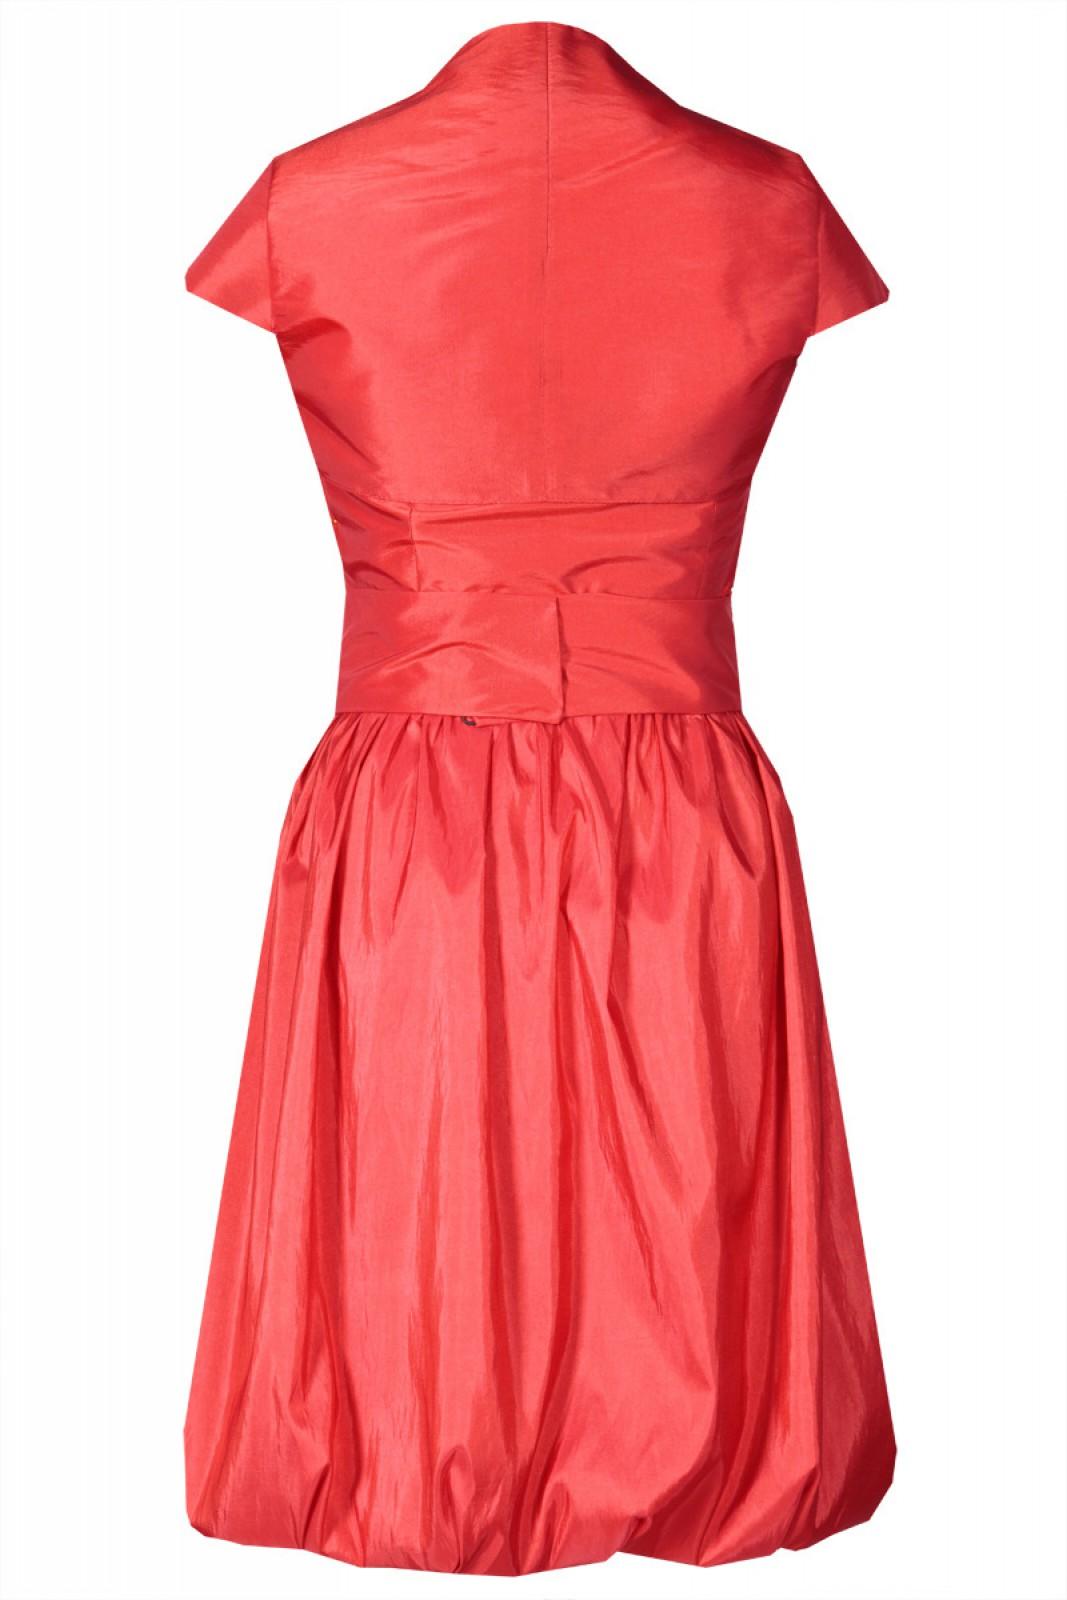 Cocktailkleid in Ballonform rot bei kleider-boutique.de - ...